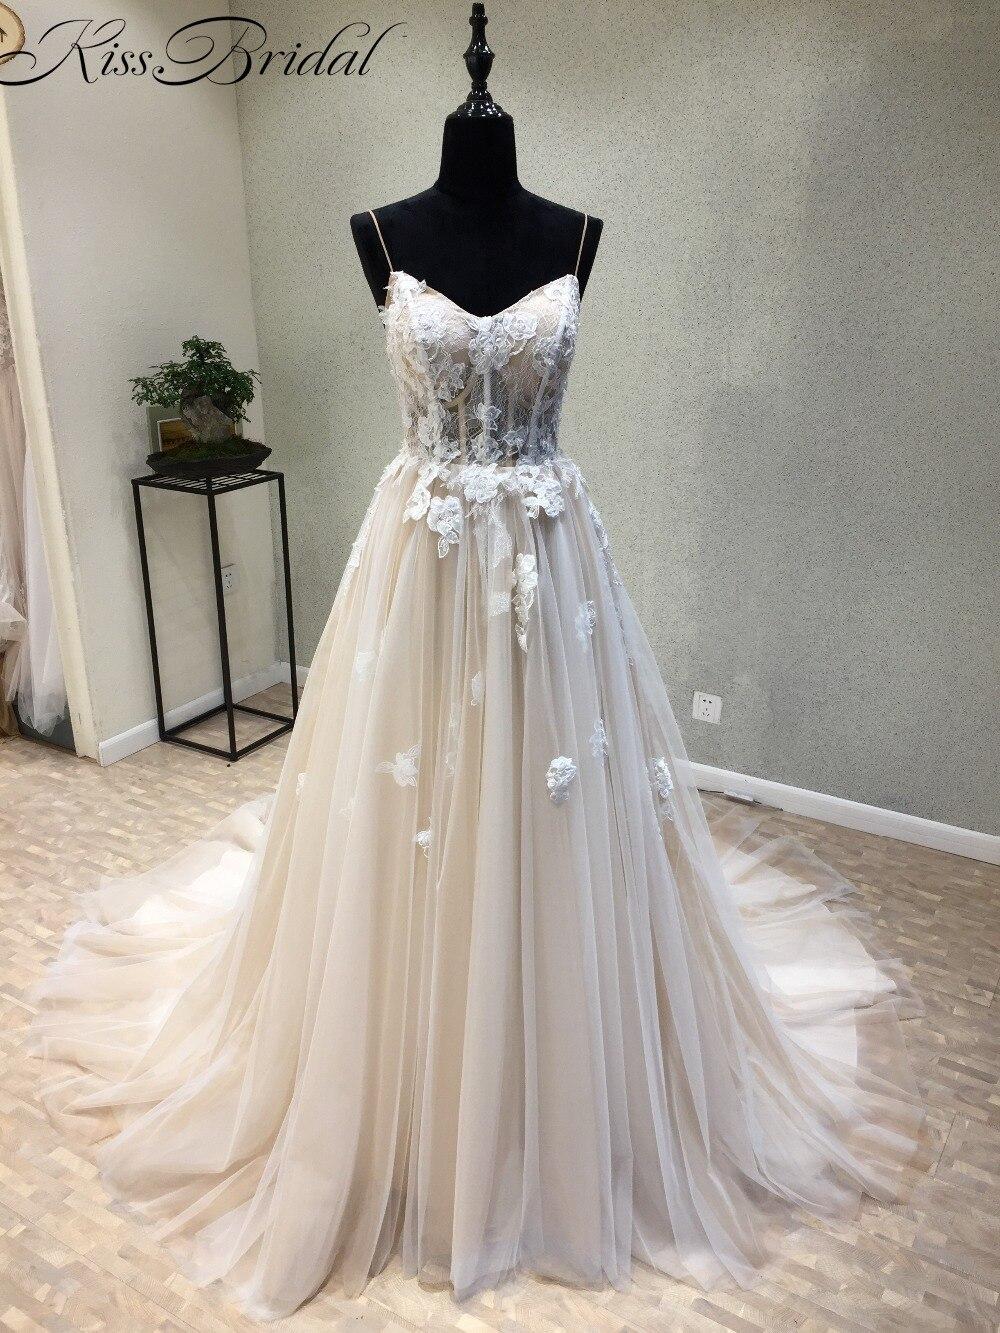 Erfreut Böhmischen Stil Hochzeitskleider Fotos - Brautkleider Ideen ...